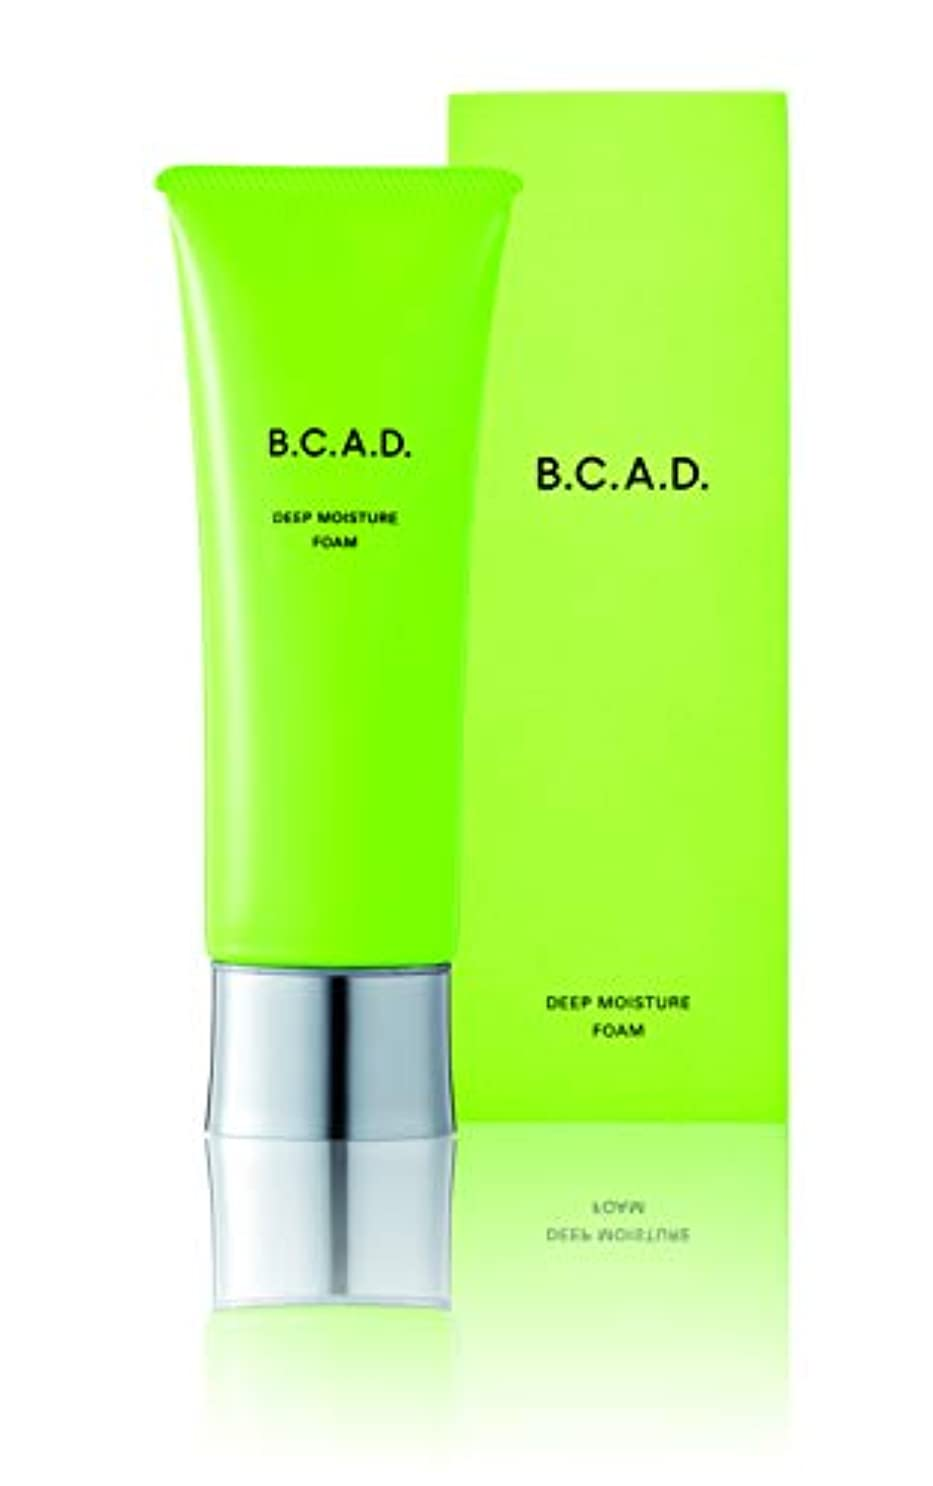 プロテスタントサロン異なるビーシーエーディー(B.C.A.D.) B.C.A.D.(ビーシーエーディー) ディープモイスチャーフォームa 120g 洗顔